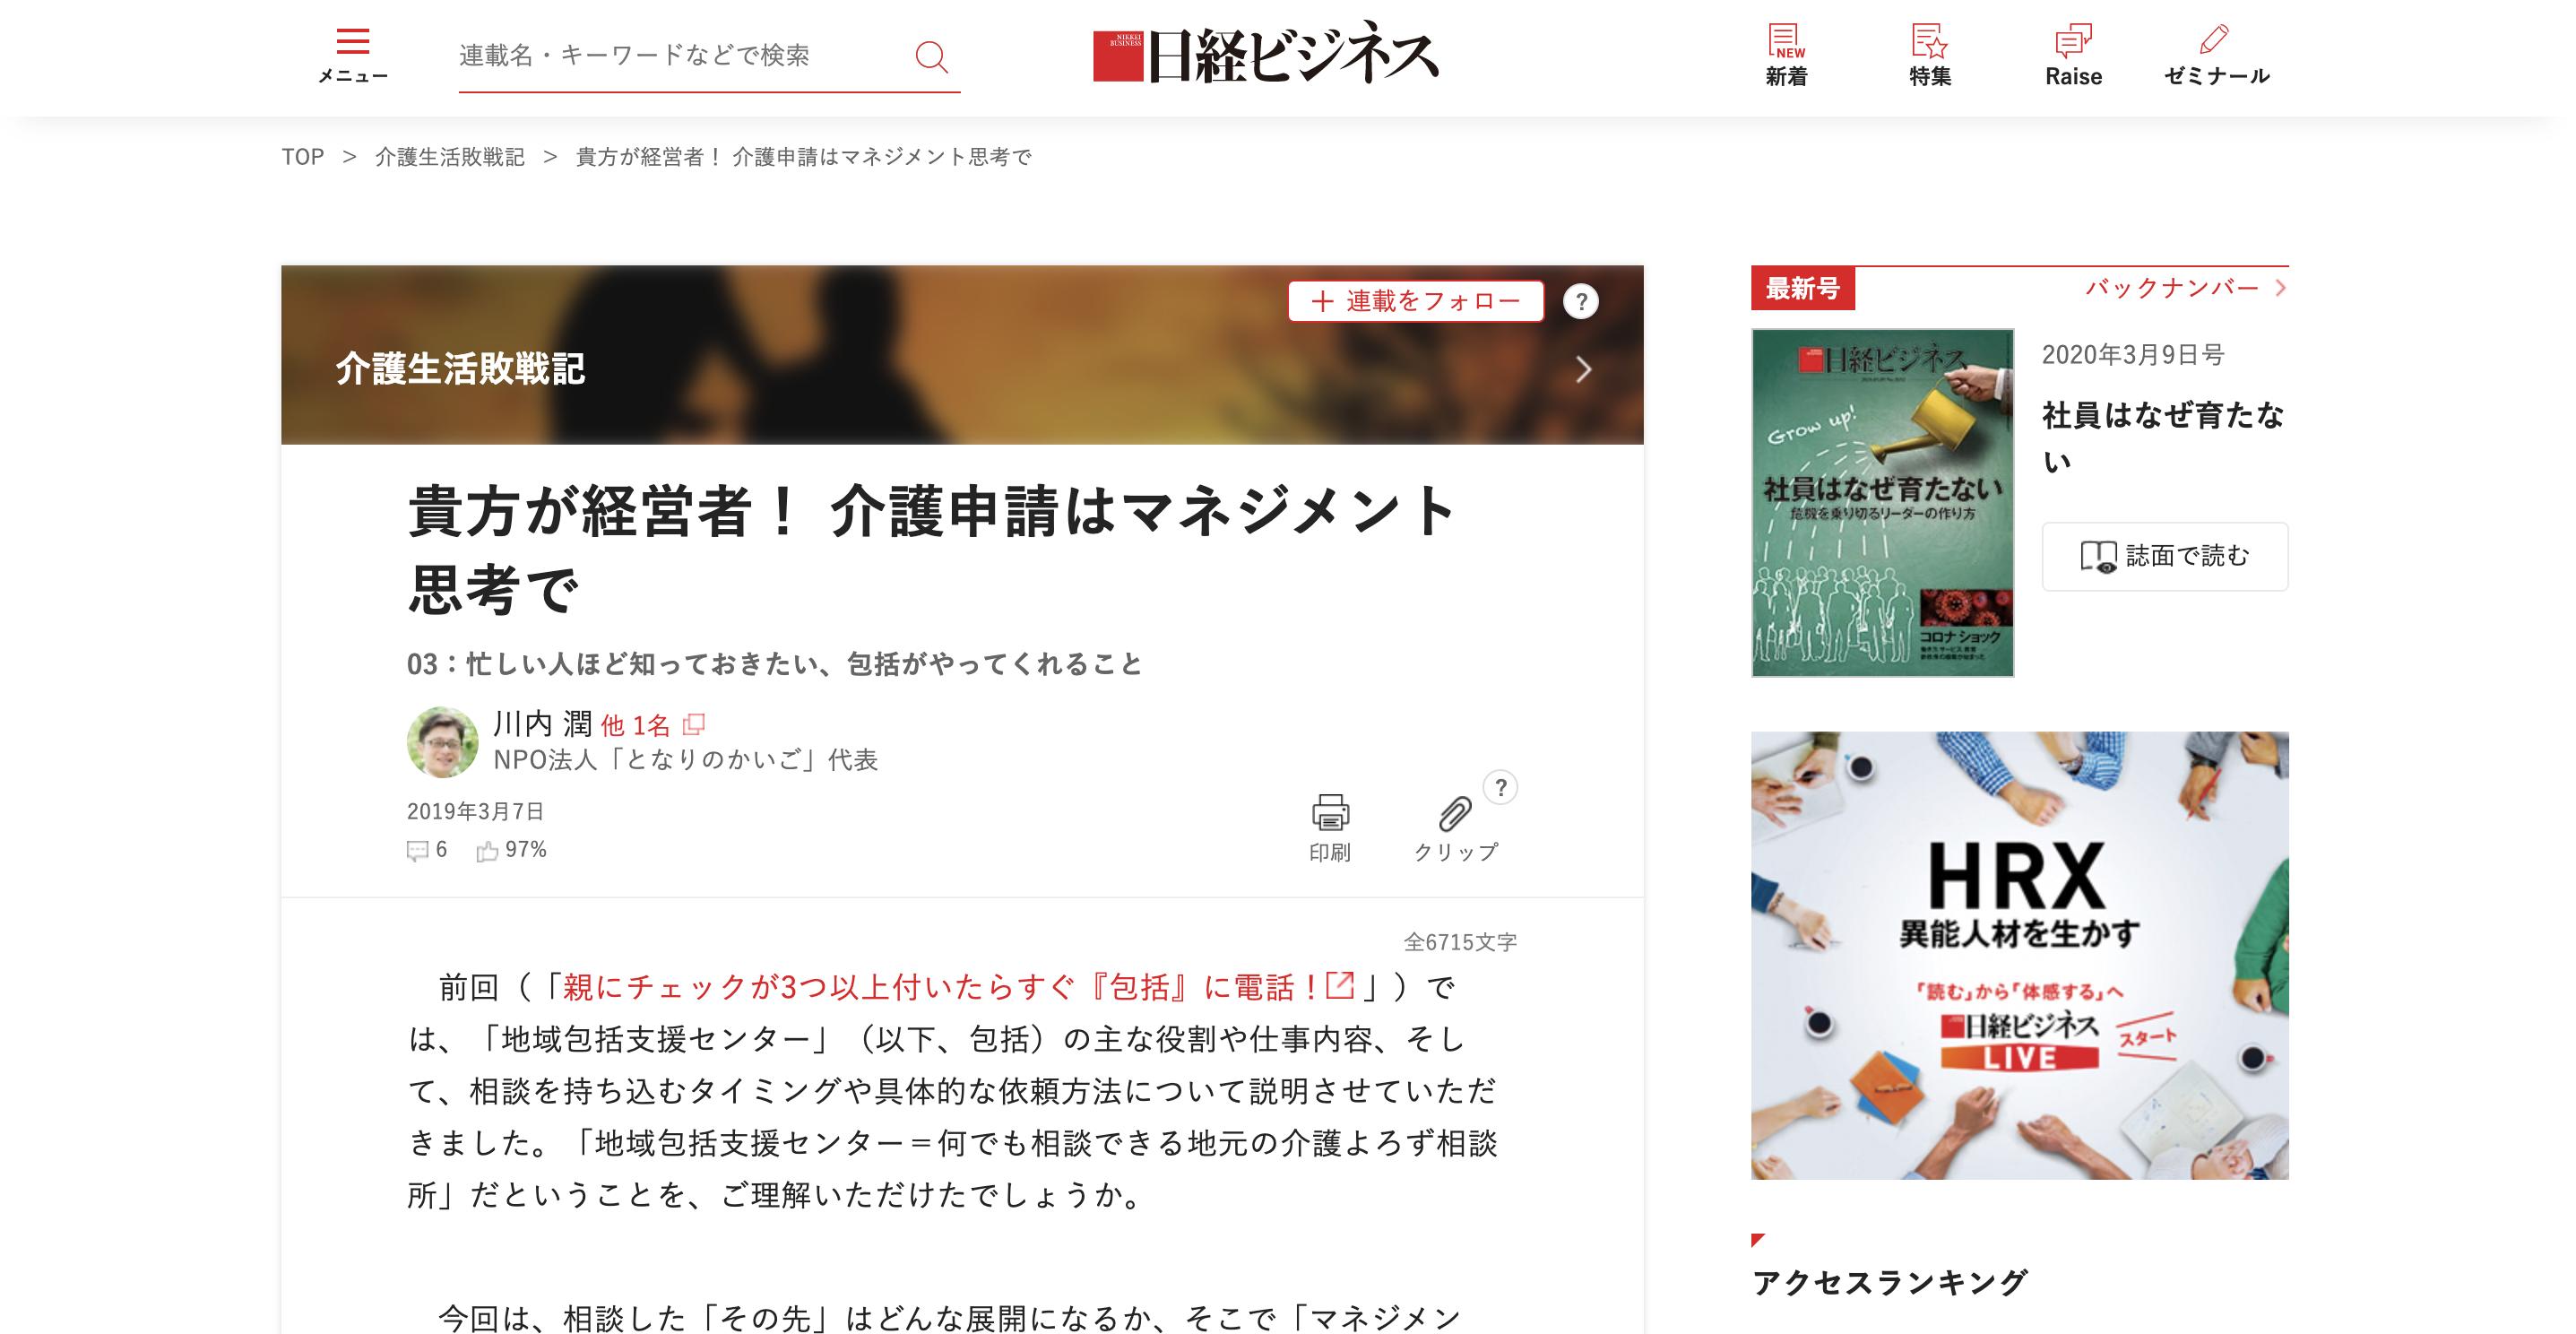 日経ビジネス電子版『貴方が経営者! 介護申請はマネジメント思考で』